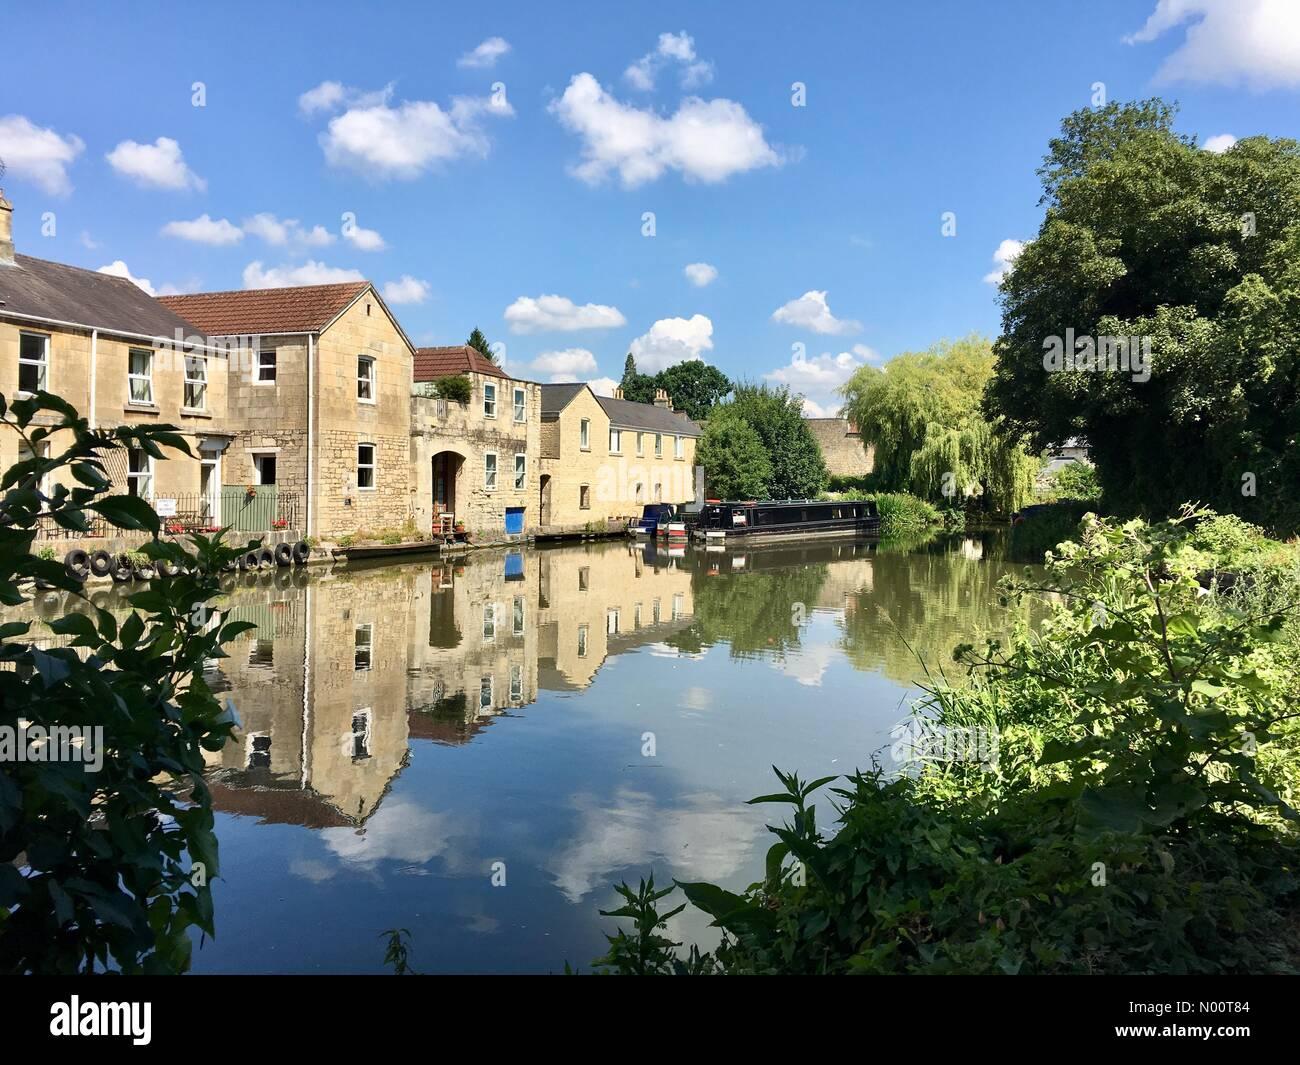 uk-weather-bath-england-11-july-2018-a-s